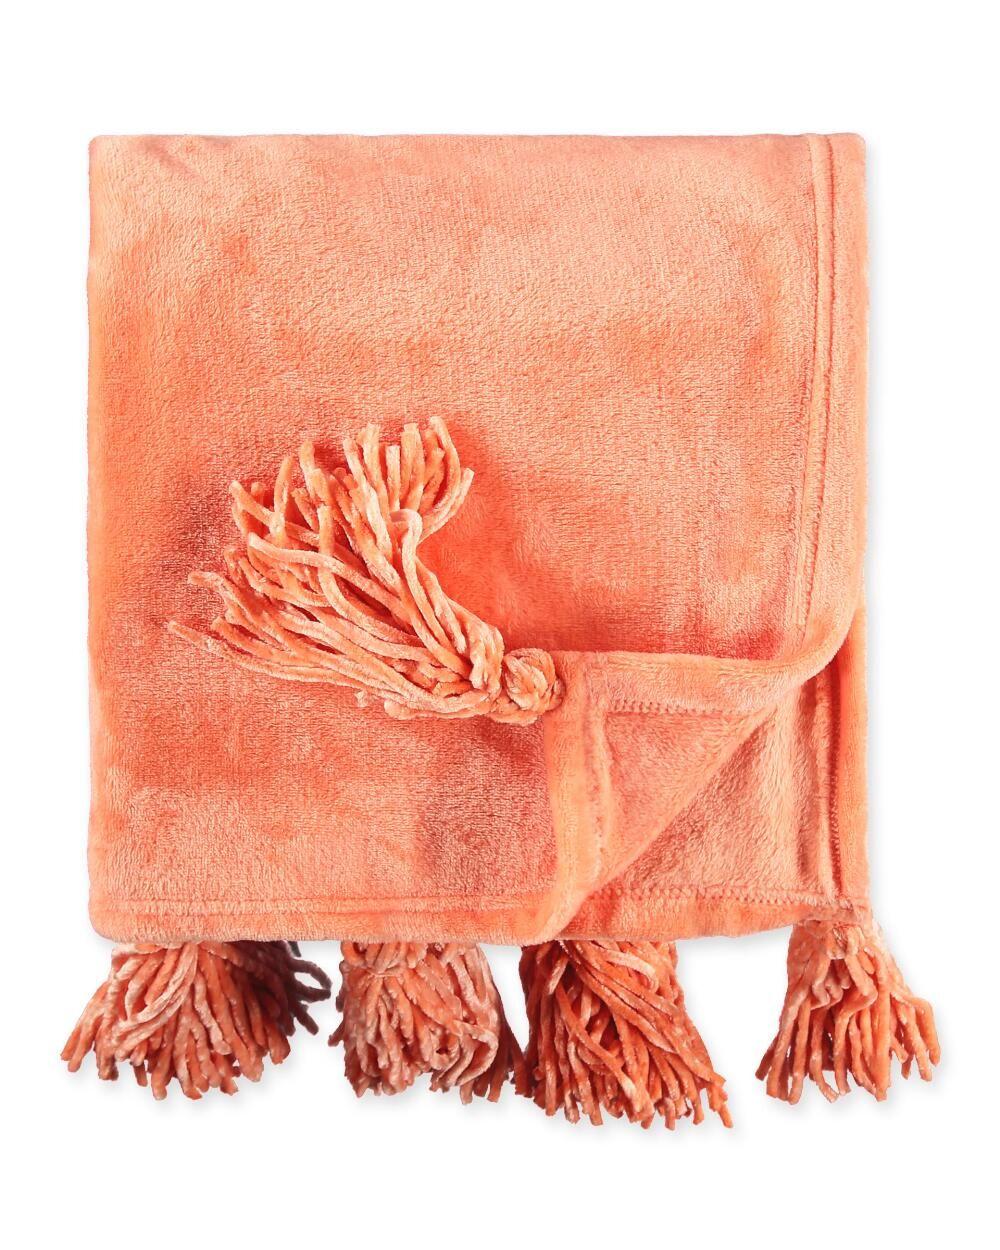 Stein mart bathroom accessories - Tasseled Plush Throw New Arrivals Bedding Bed Bath Stein Mart